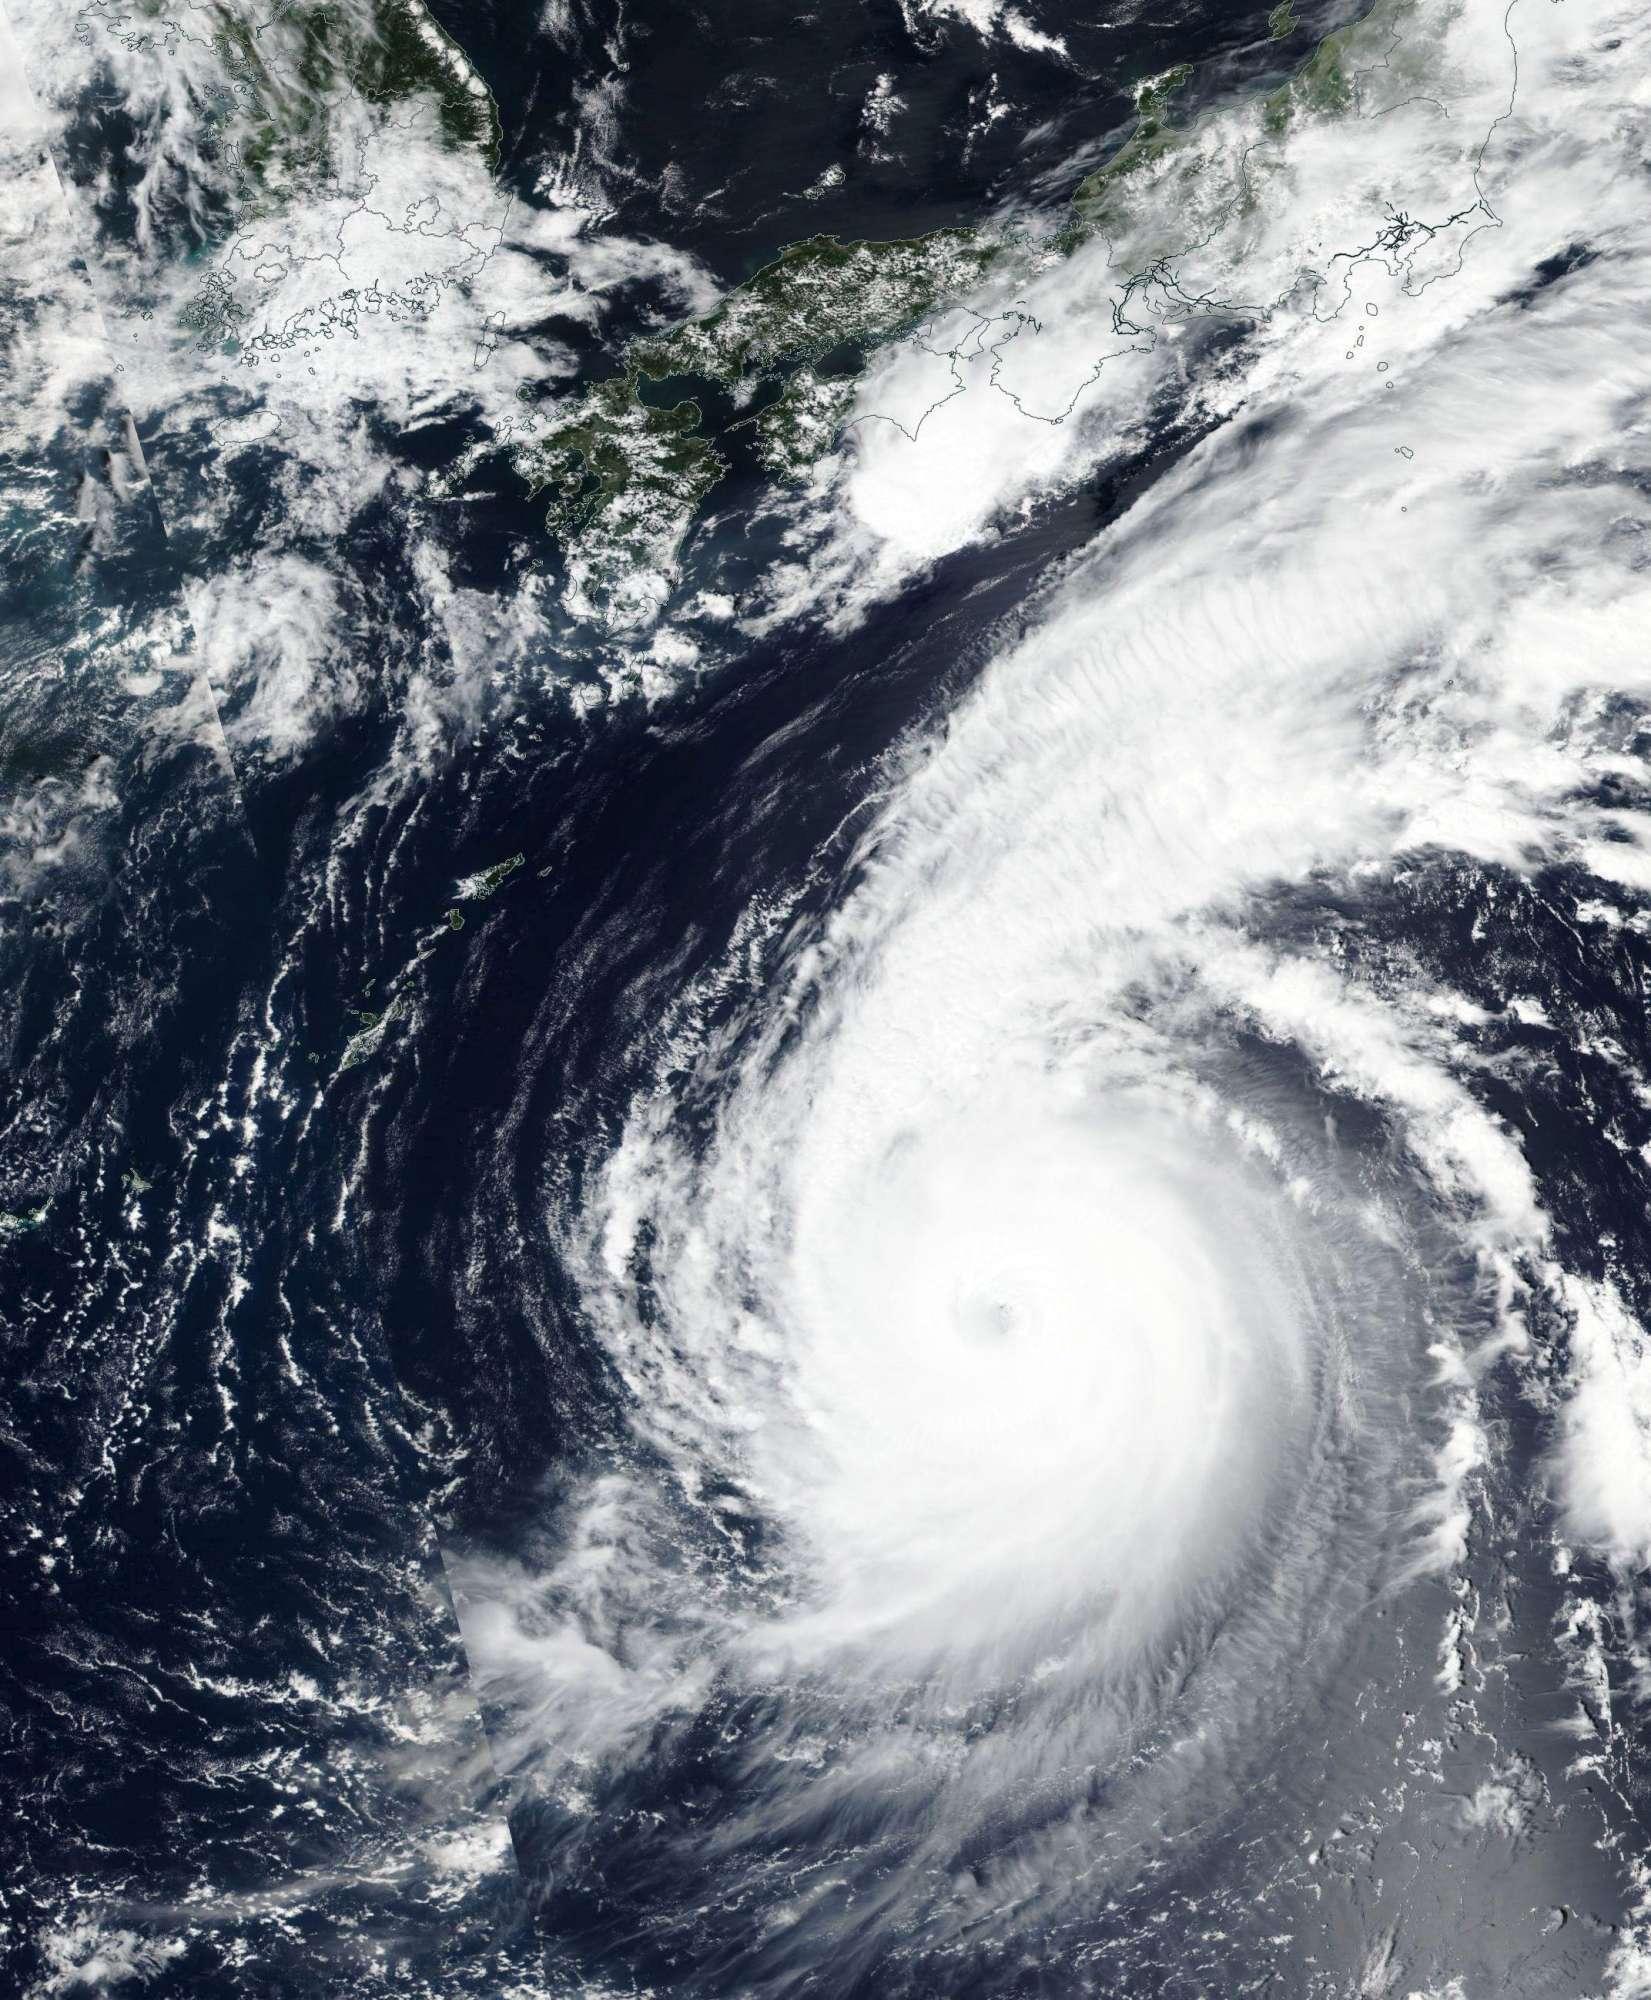 Giappone, la furia del tifone Jebi, ecco le immagini più impressionanti